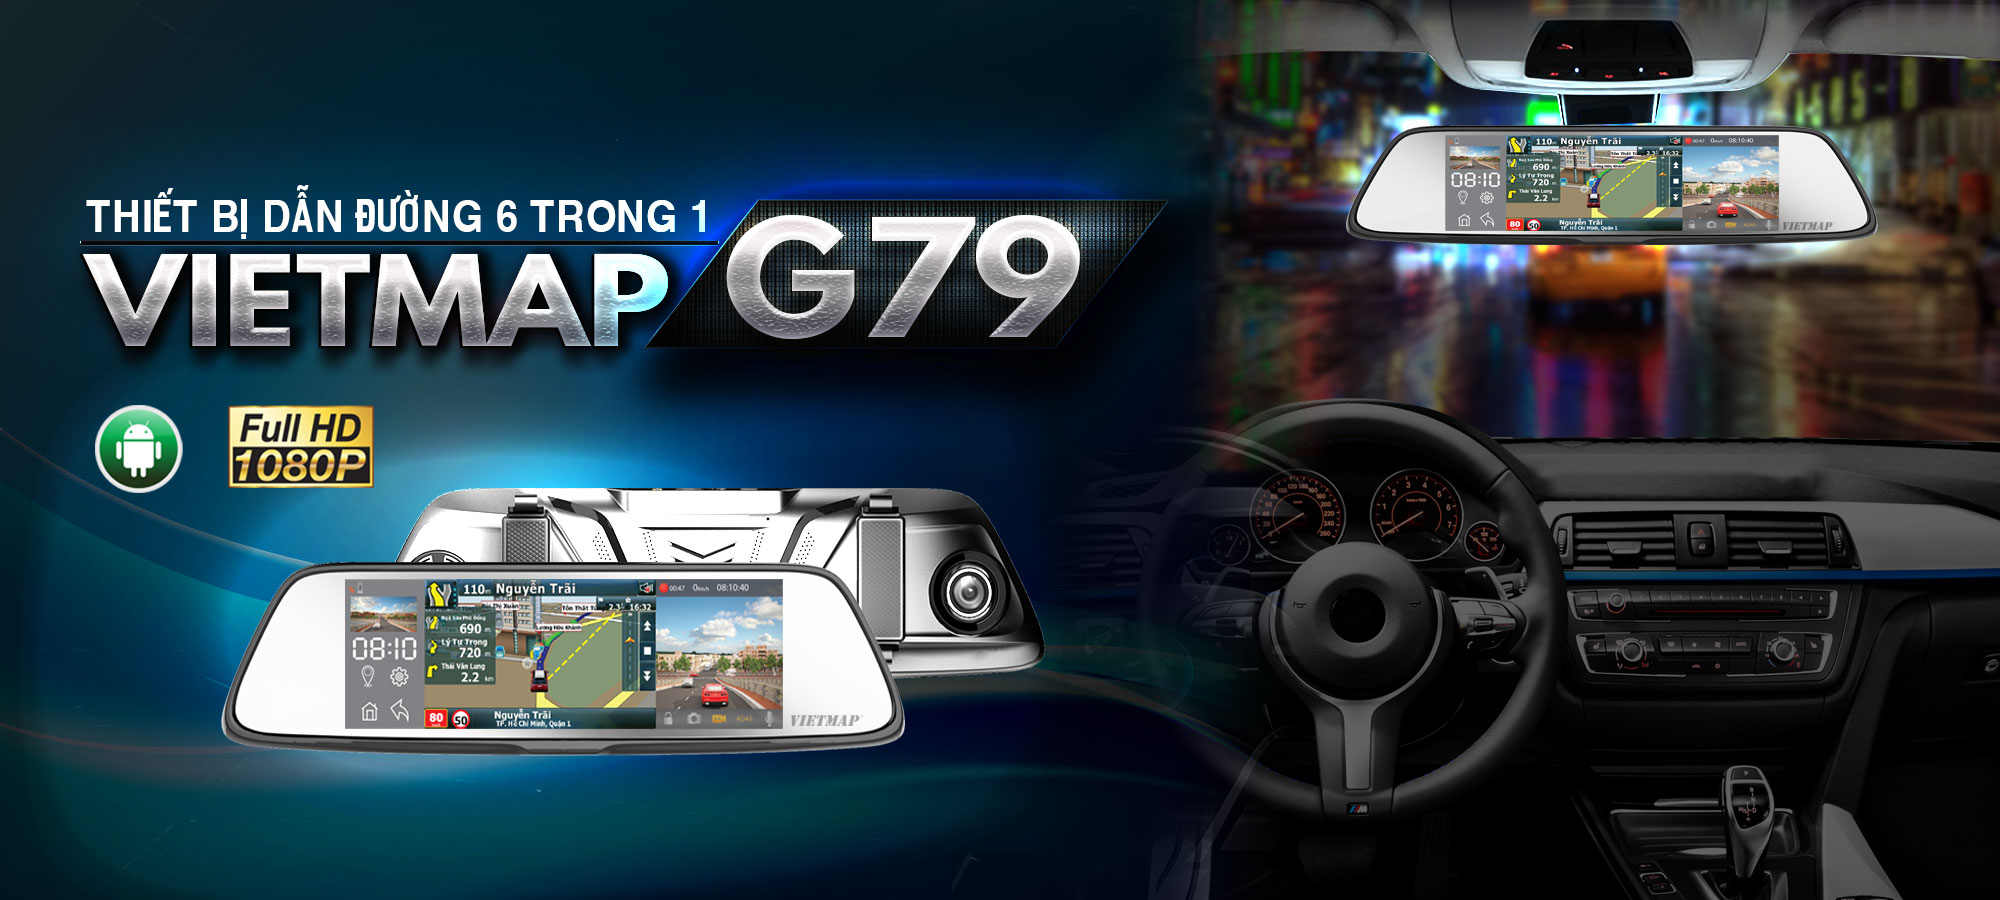 Camera Hành Trình VietMap G79 | Camera Hành Trình Gương Chiếu Hậu Cao Cấp 6 In 1